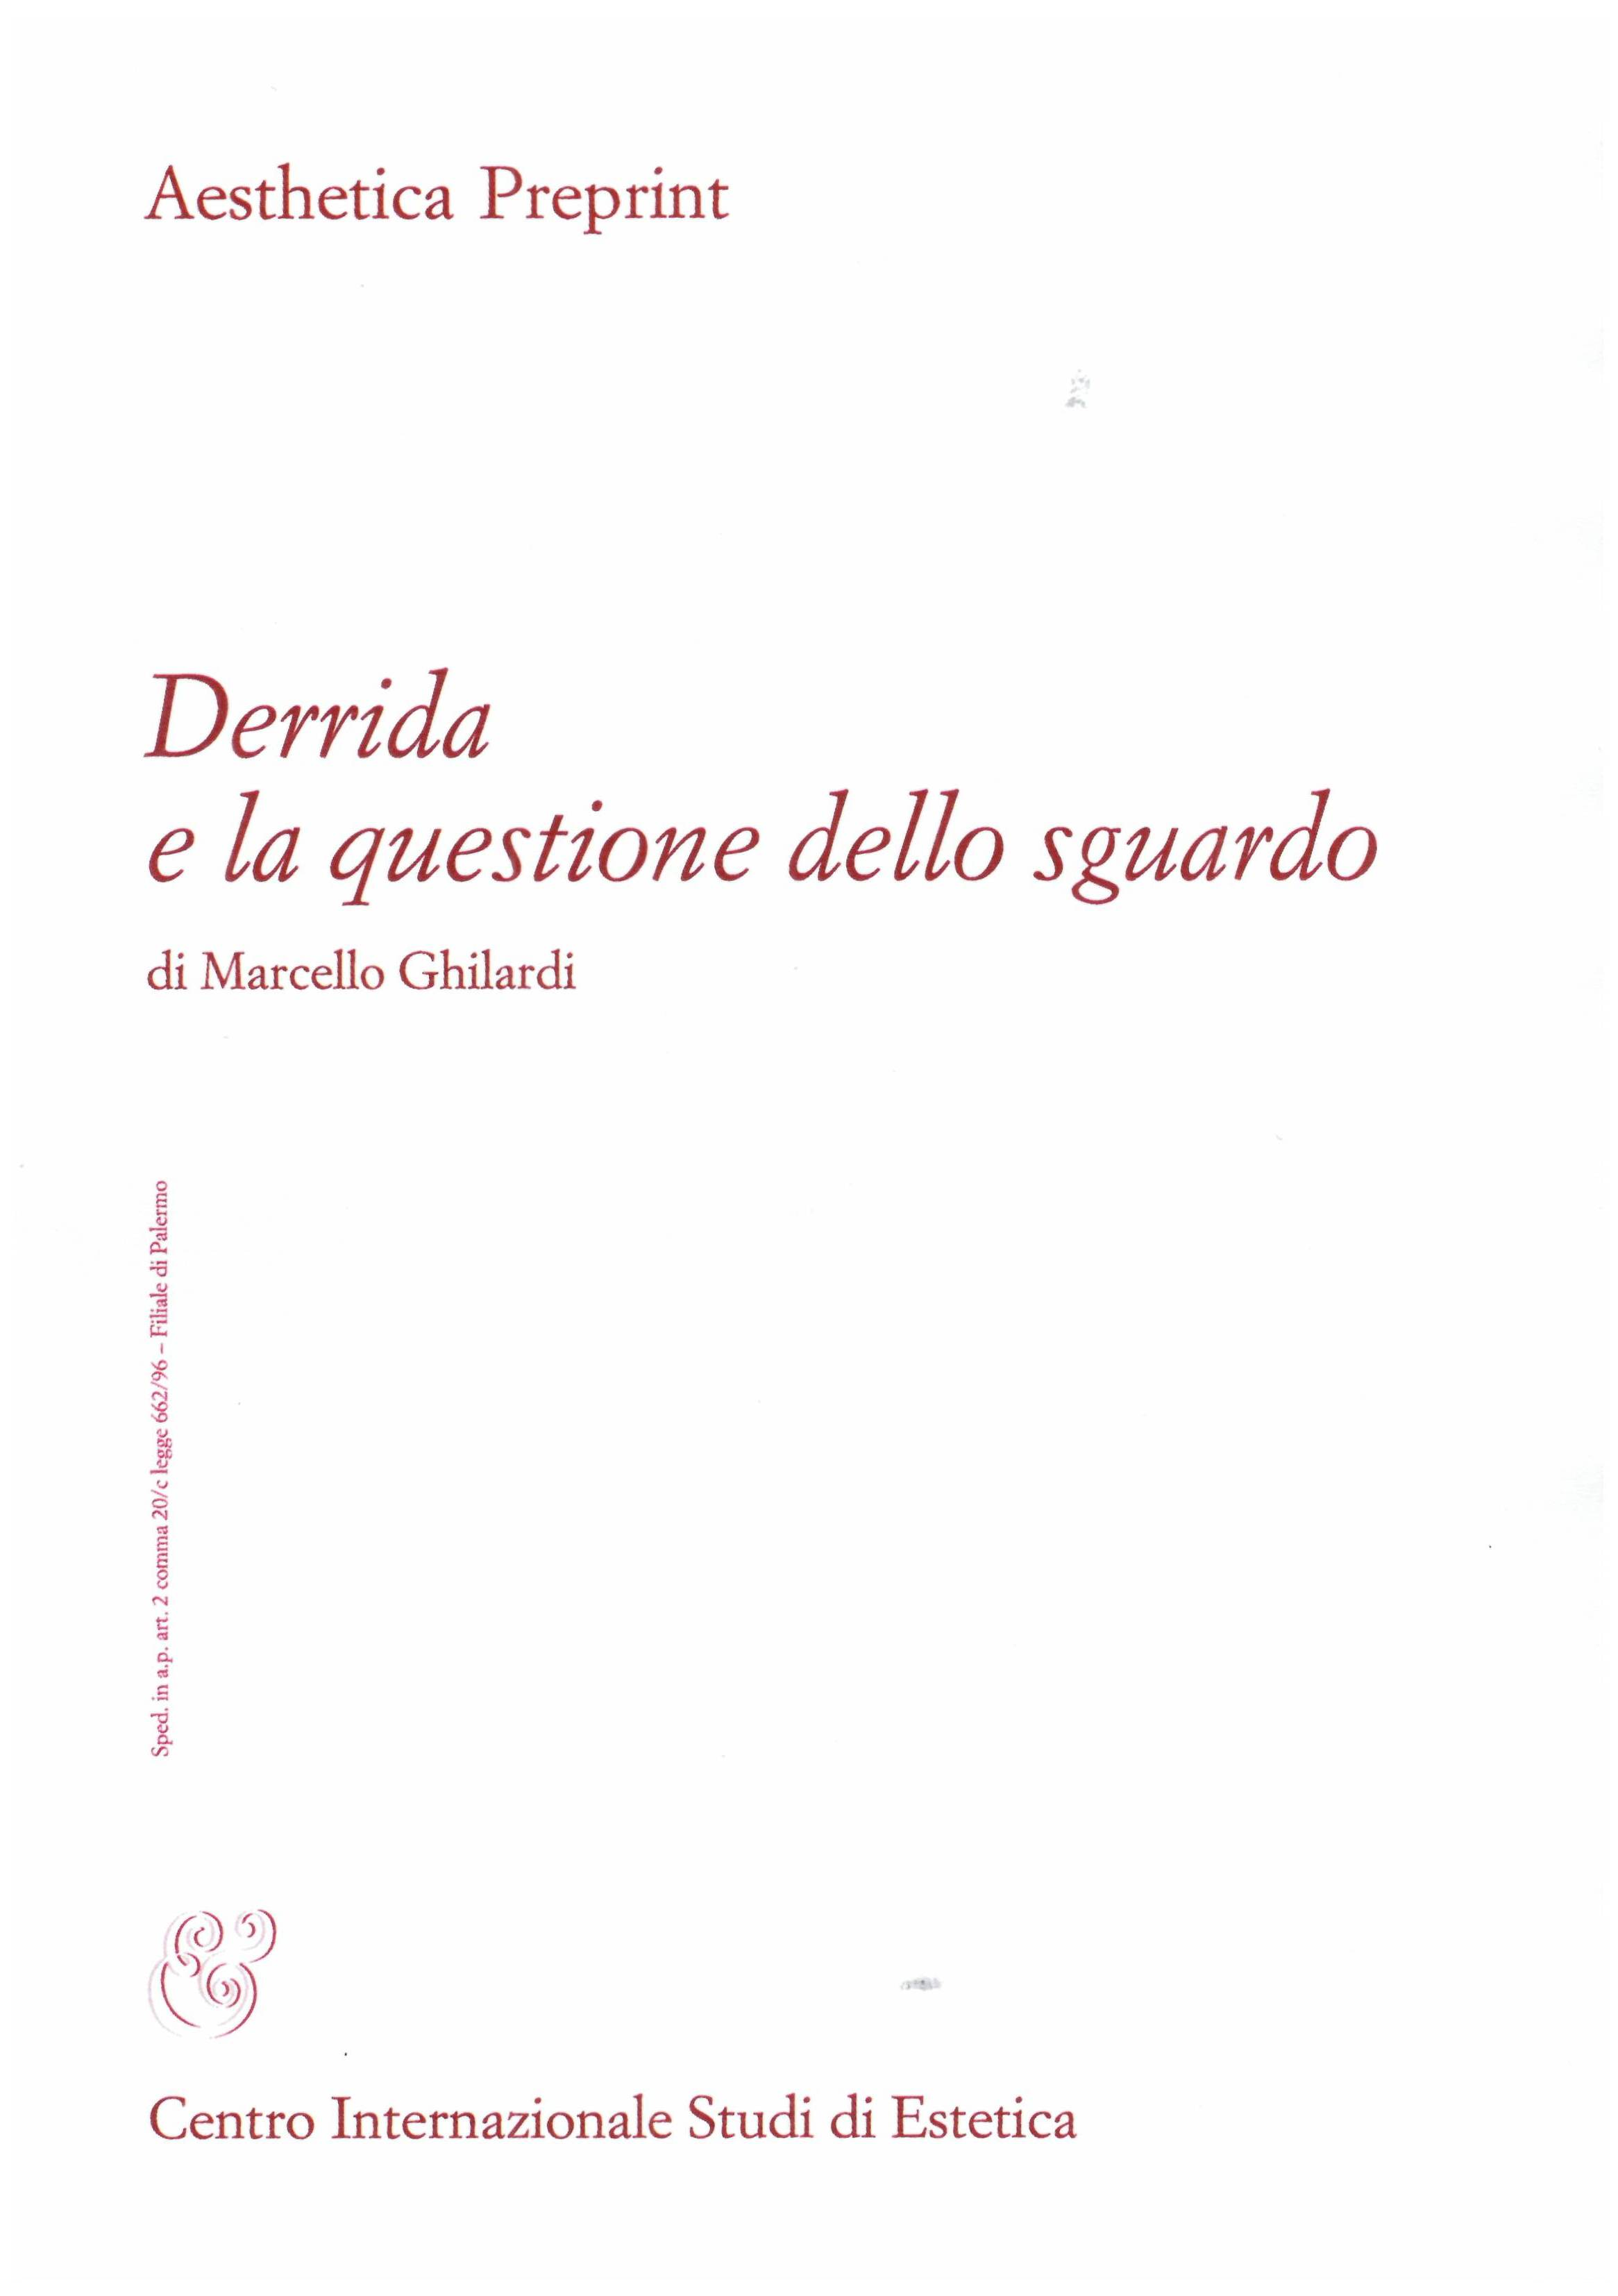 Derrida e la questione dello sguardo